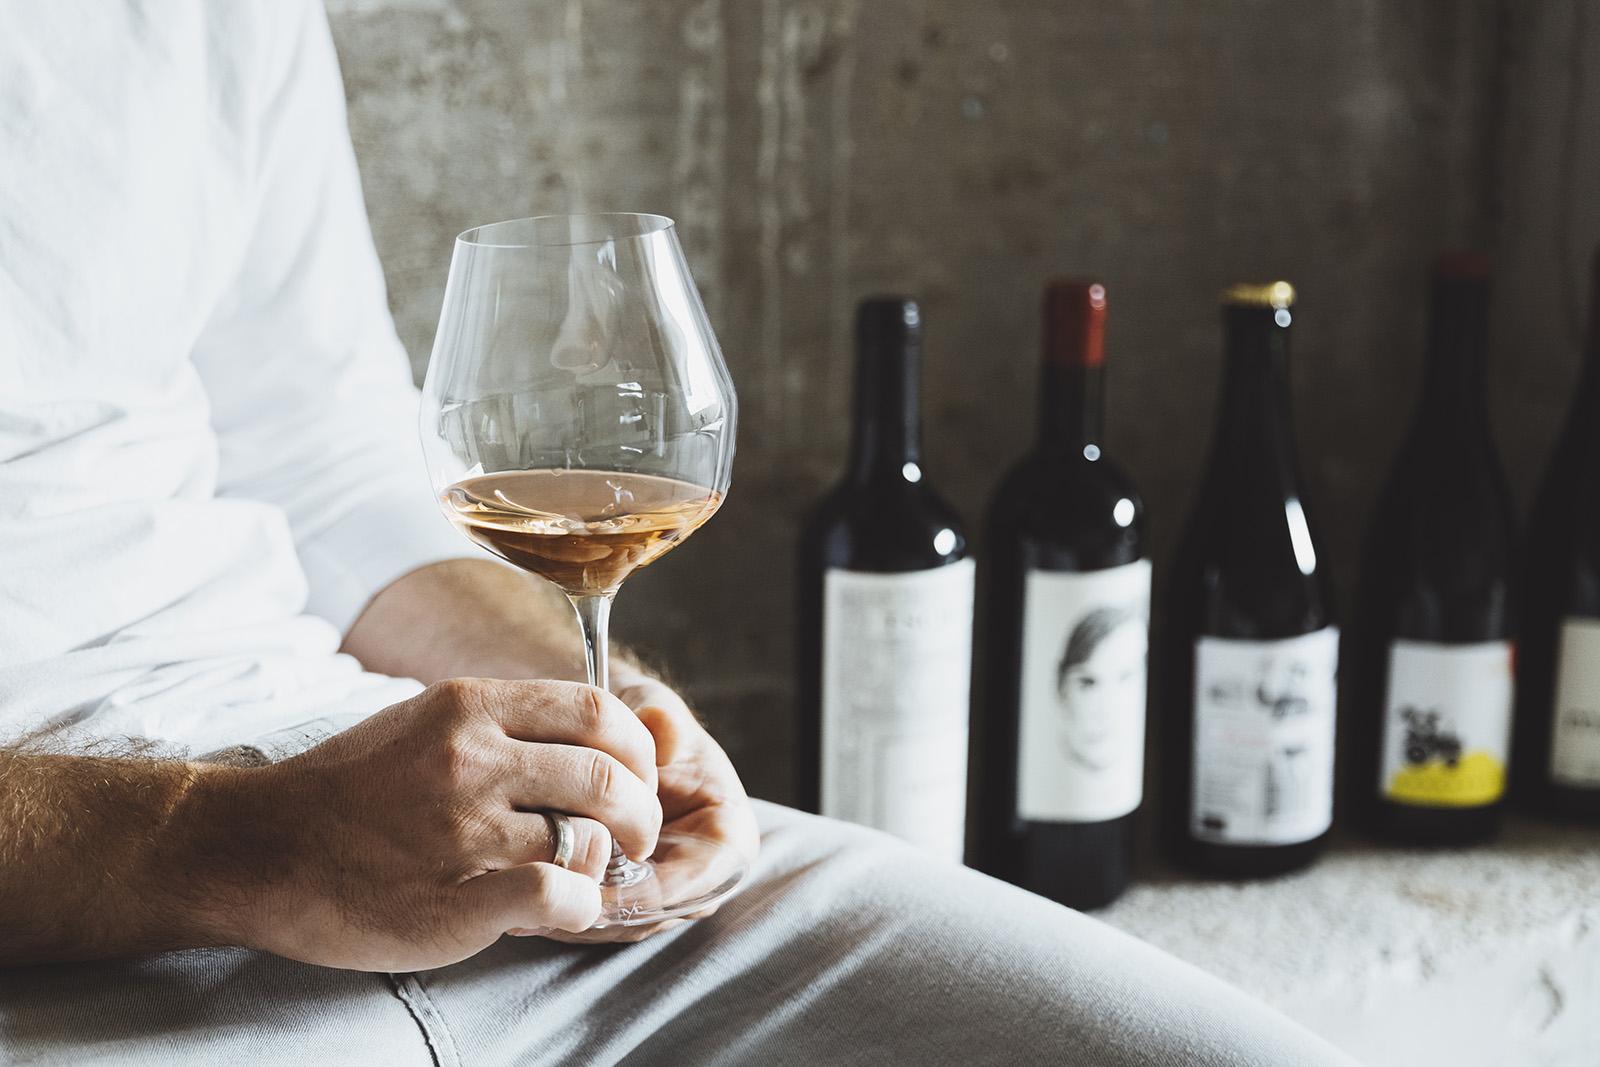 Manuel Veith sitzt mit Weinglas und Deko aus Weinflaschen im Concept-Store